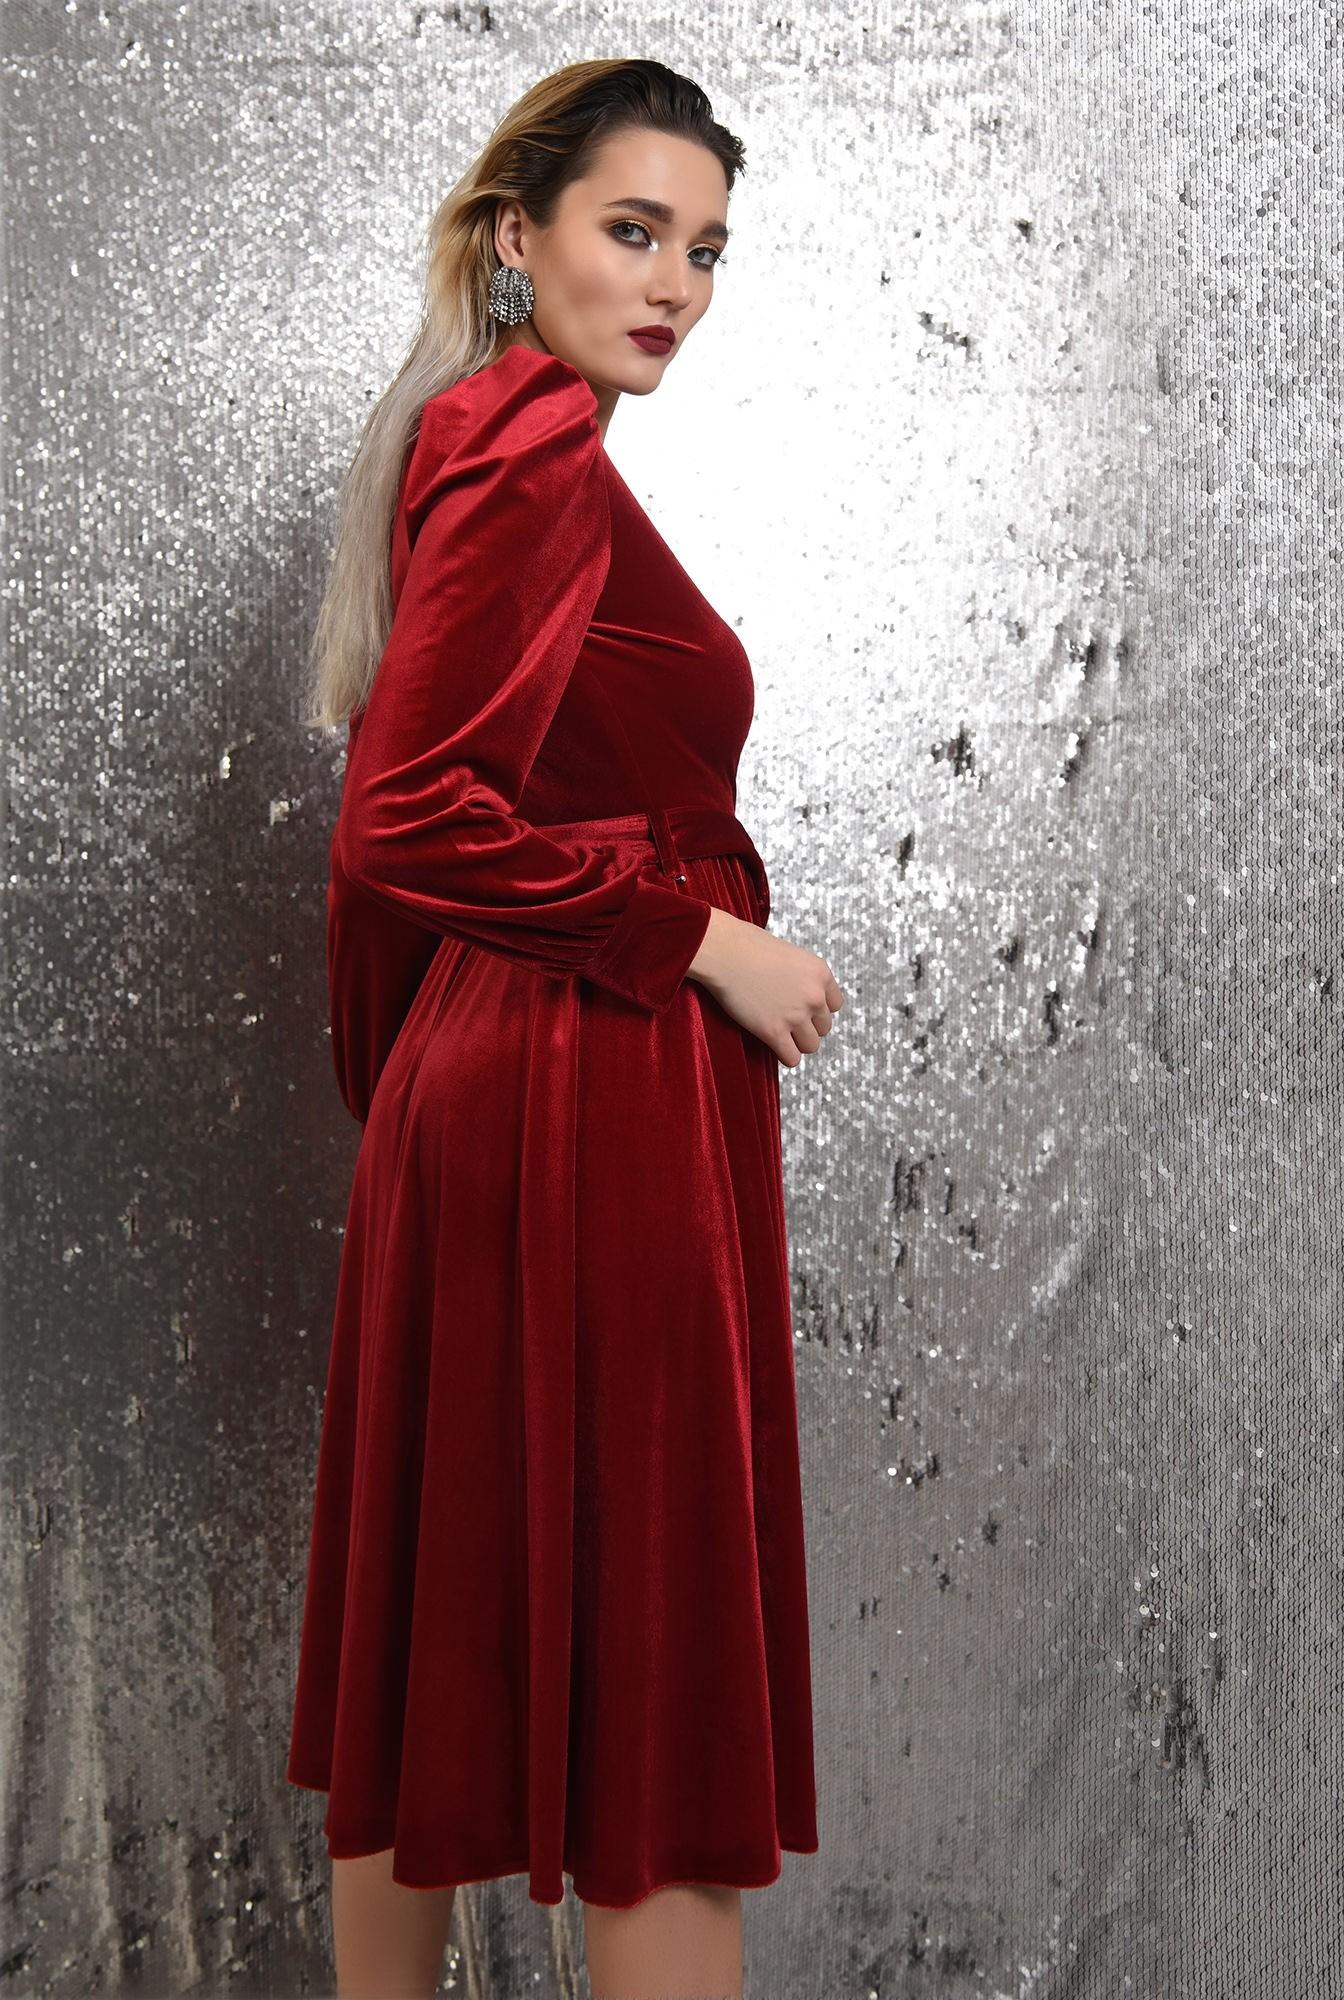 1 - rochie rosie, de catifea, eleganta, cu cordon, maneci bufante, Poema